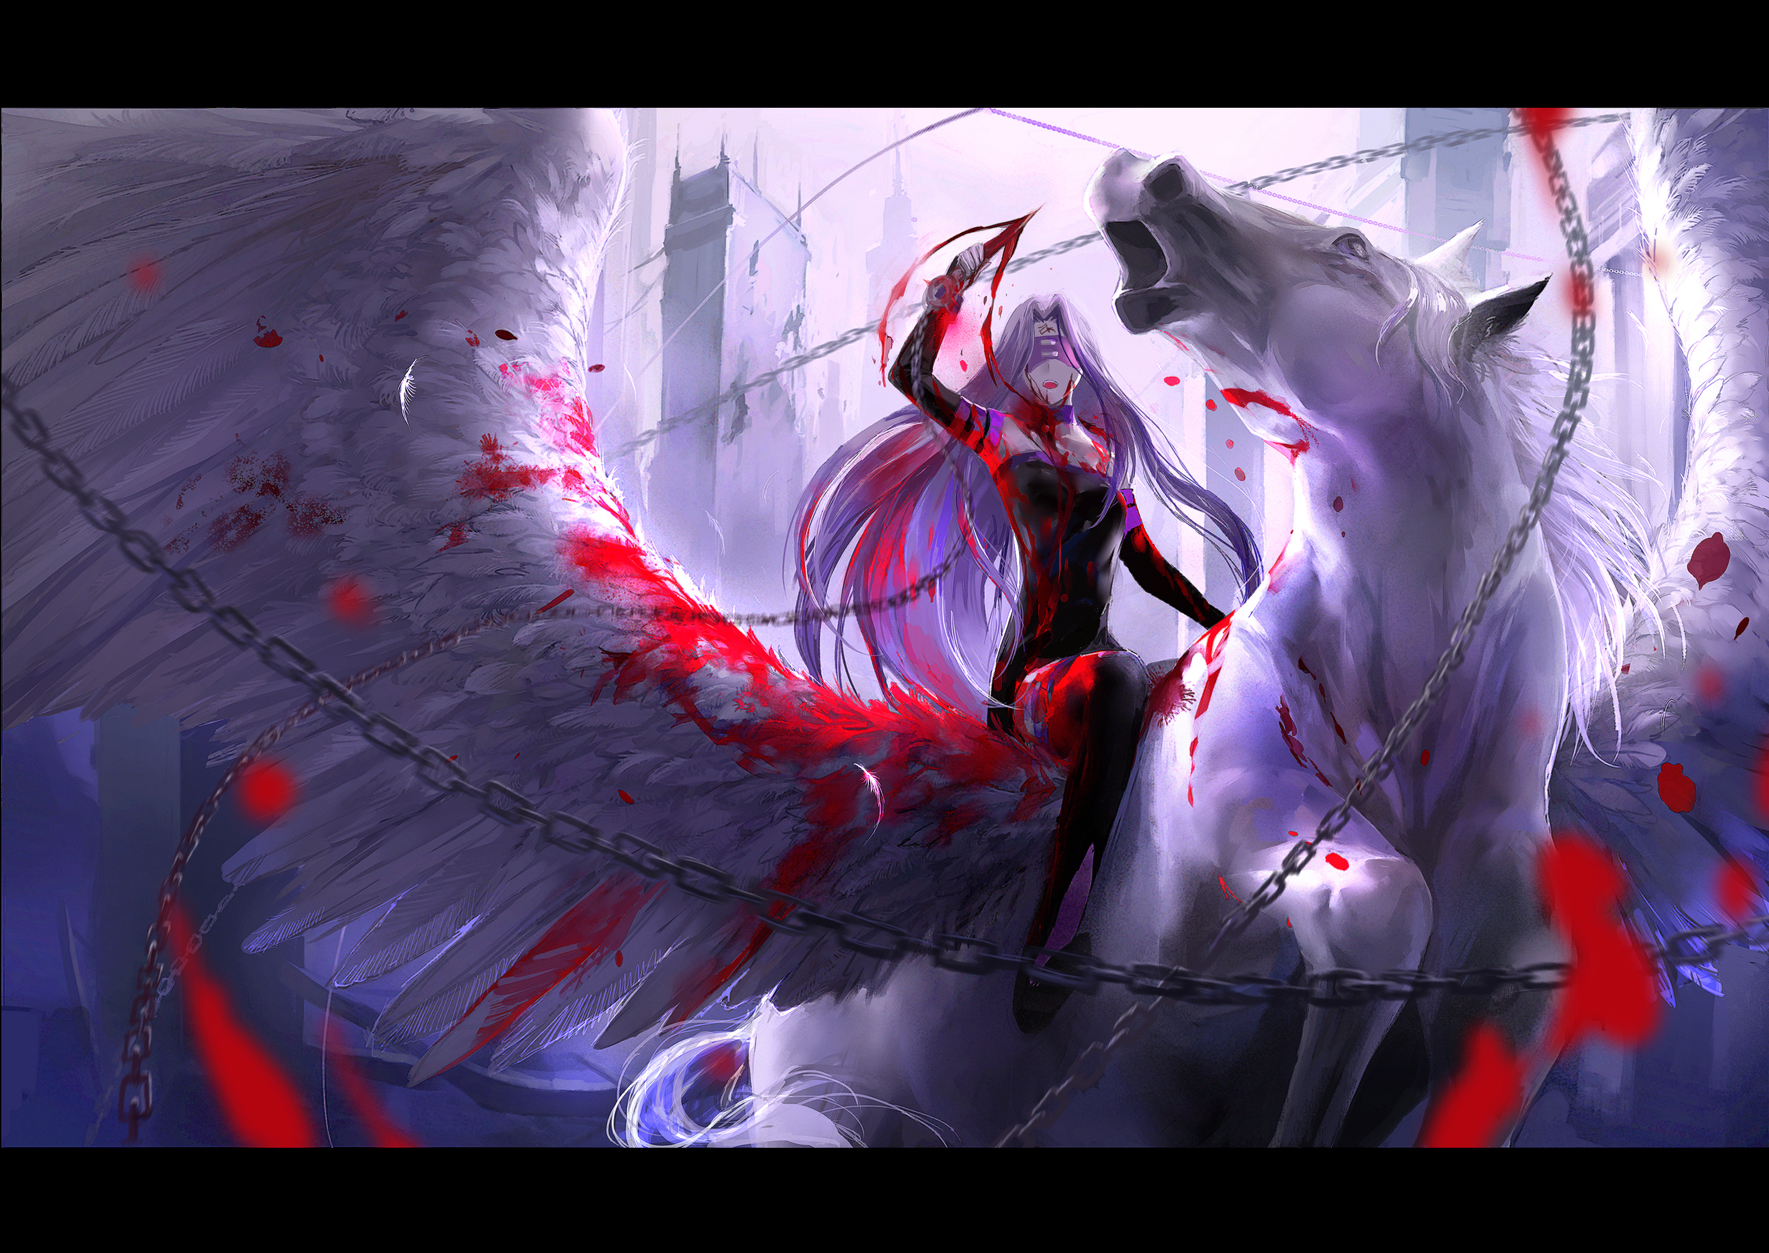 Blood fate stay night kzcjimmy pegasus rider wallpaper 1769x1253 1769x1253